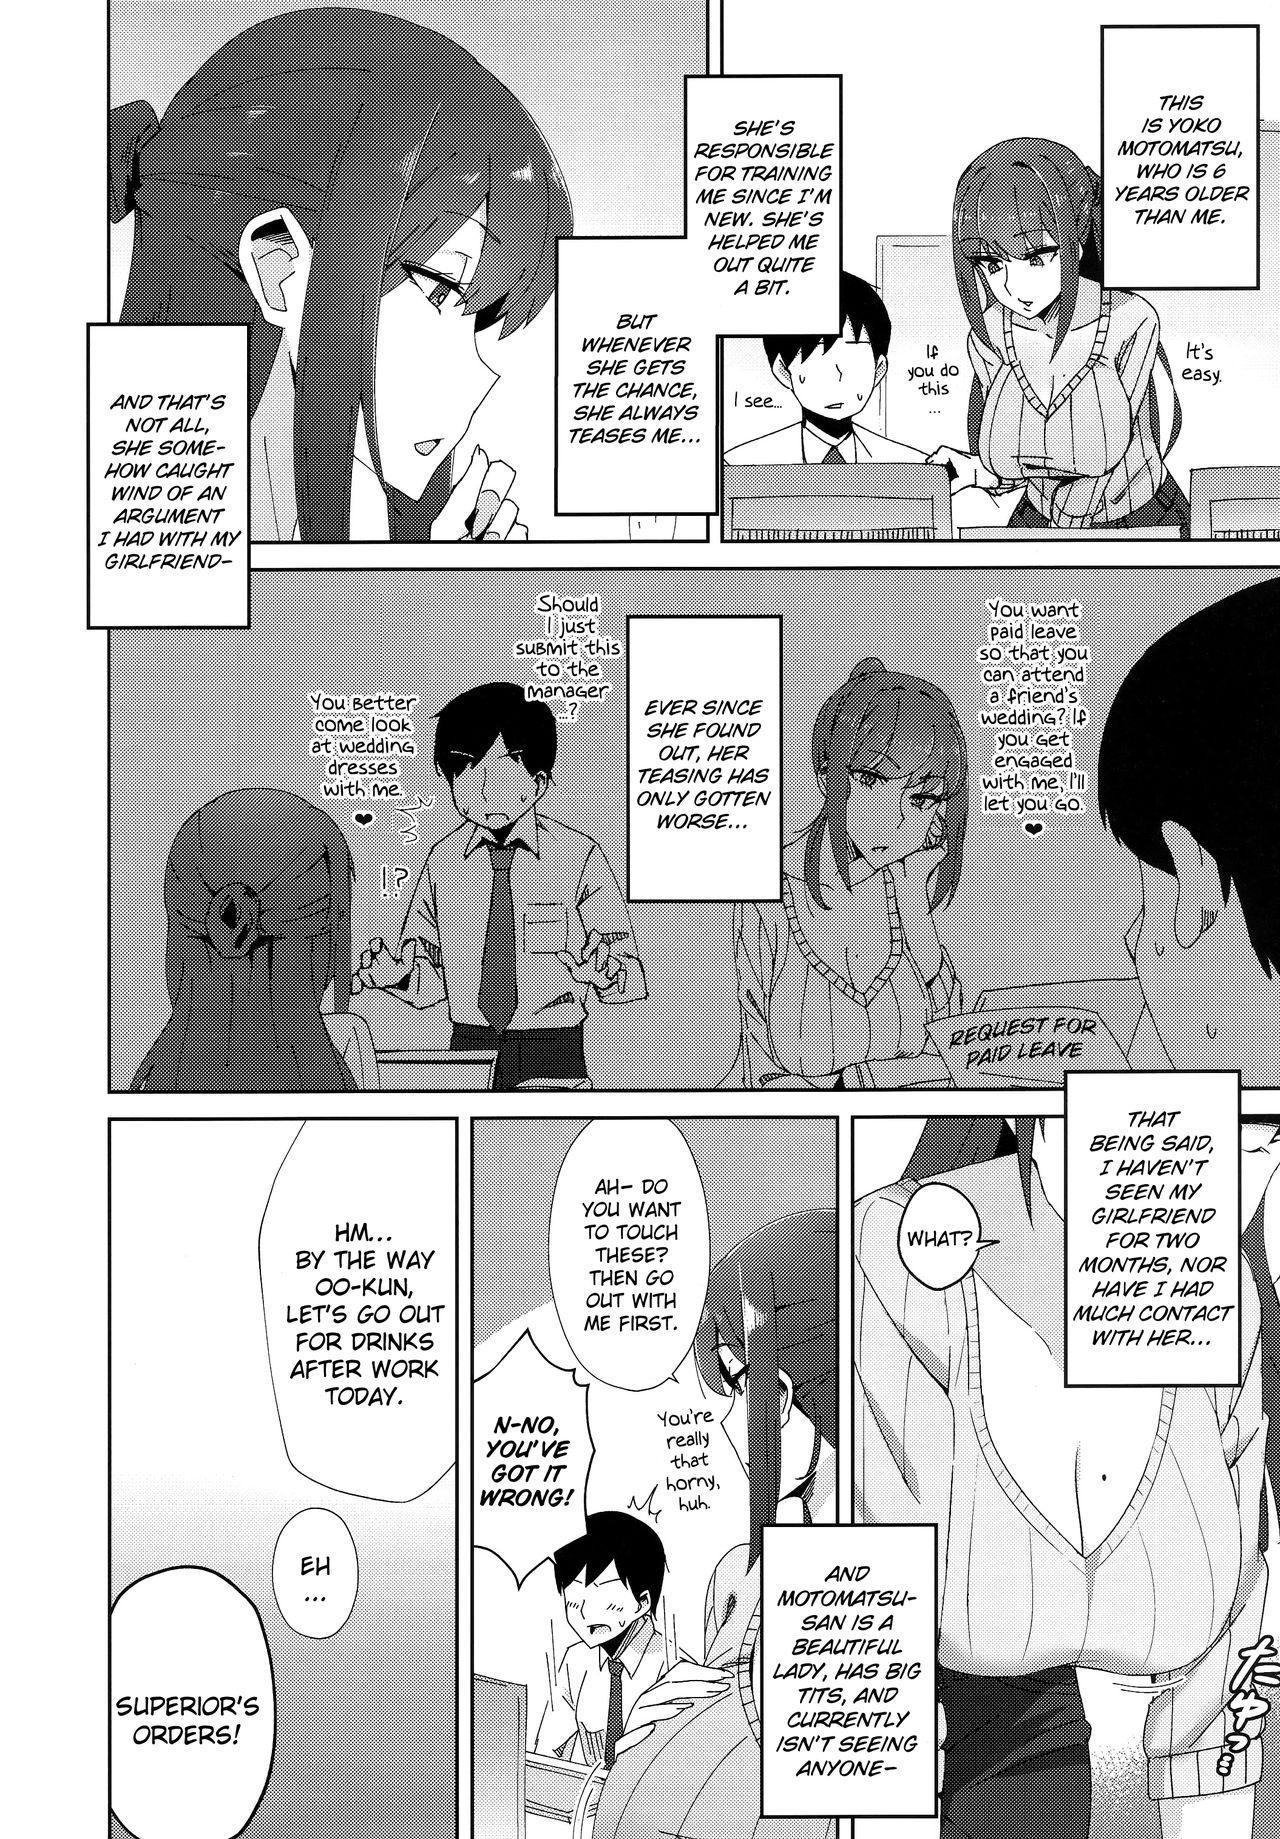 Shitsuyou ni Ima no Kanojo to Wakare Saseyou to Shite Kuru Senpai 4